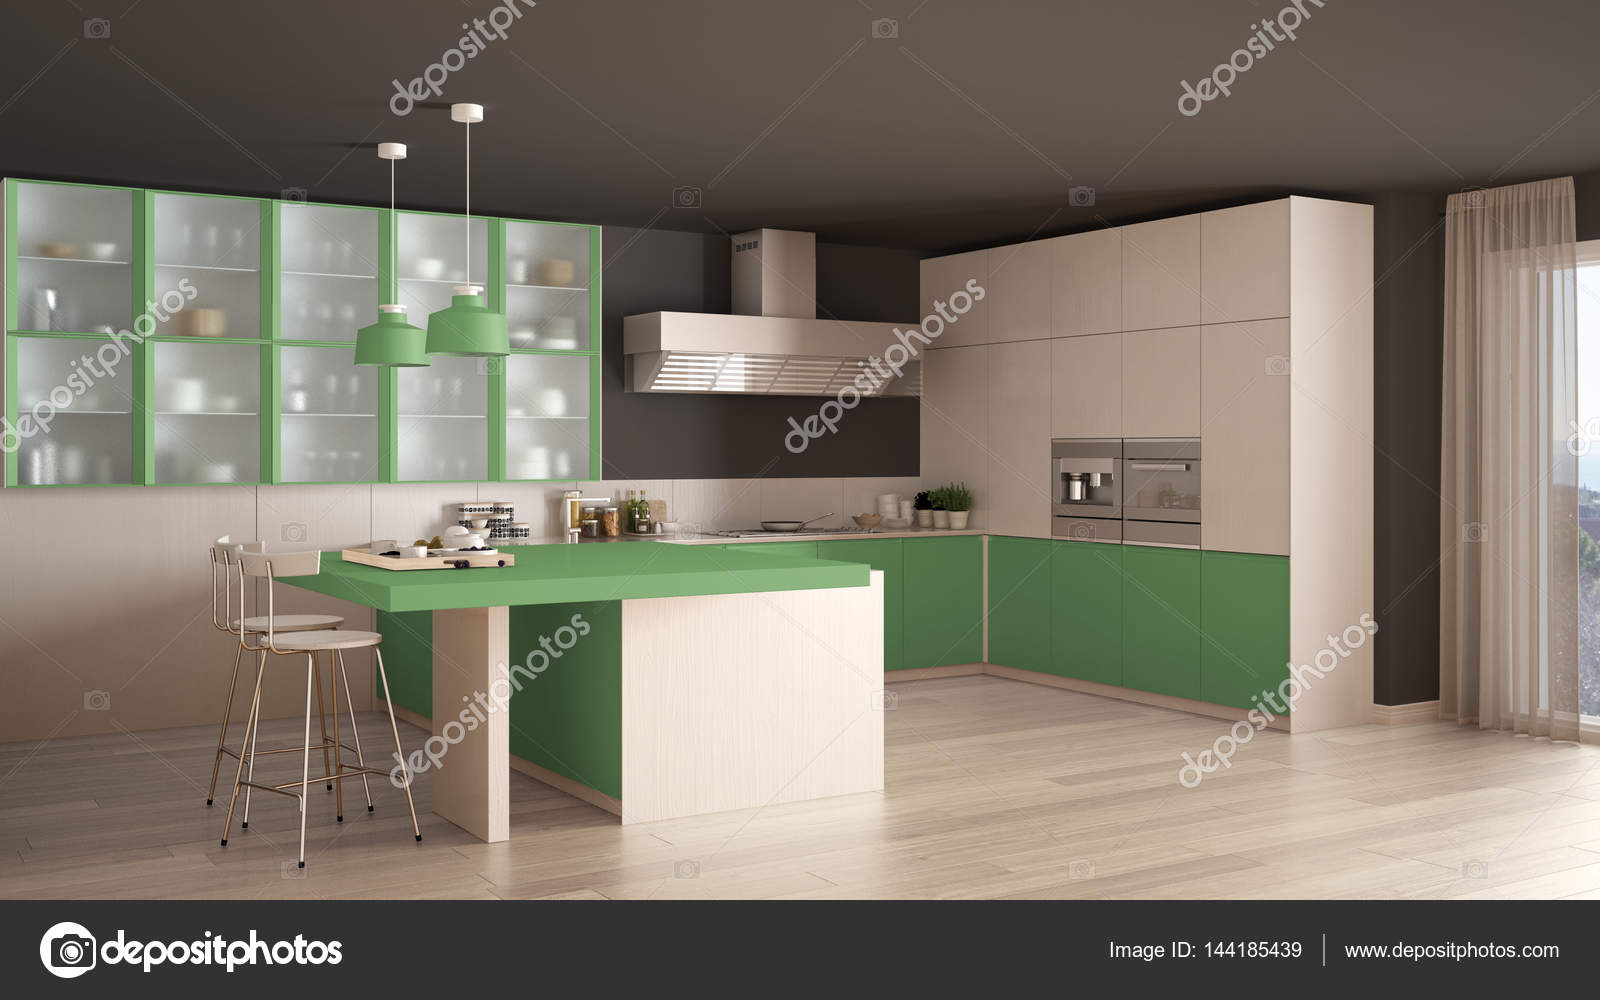 cuisine classique minimale blanche et verte avec sol en parquet mode photo